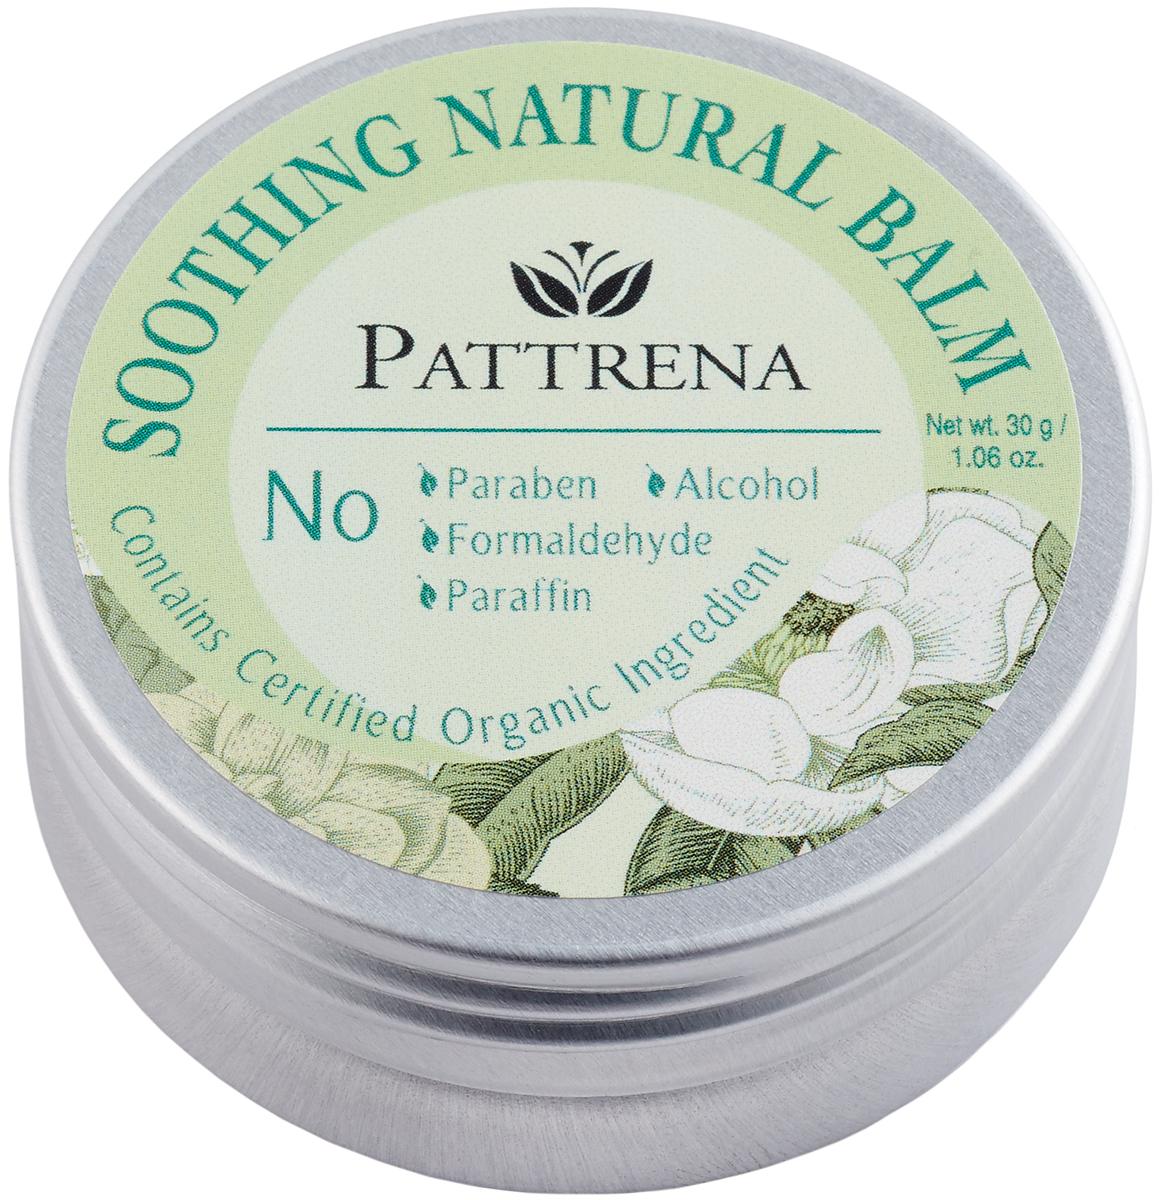 Pattrena Бальзам натуральный Успокаивающий, 30 г63955Универсальный бальзам без парабенов и парафина. Обогащен различными натуральными маслами, которые эффективно содействуют появлению ощущения расслабленности на коже.